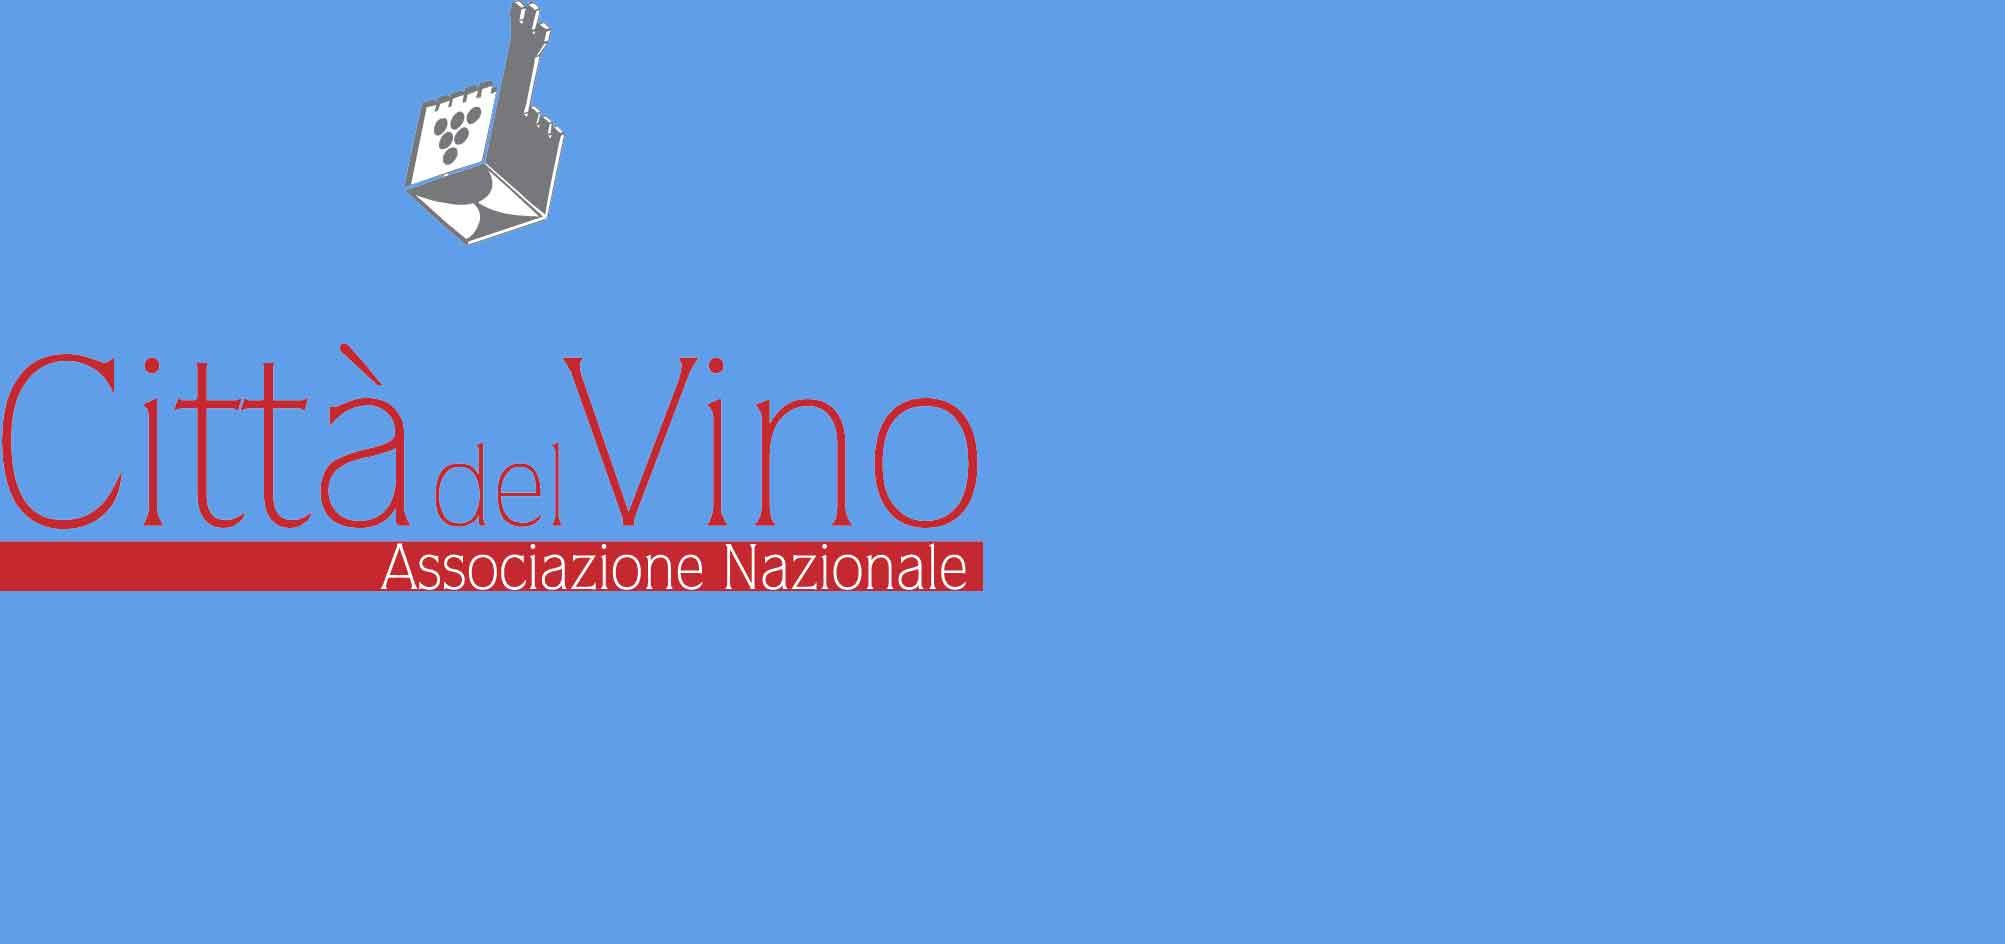 Toscana: Angelita Paciscopi nuova coordinatrice regionale delle Città del Vino